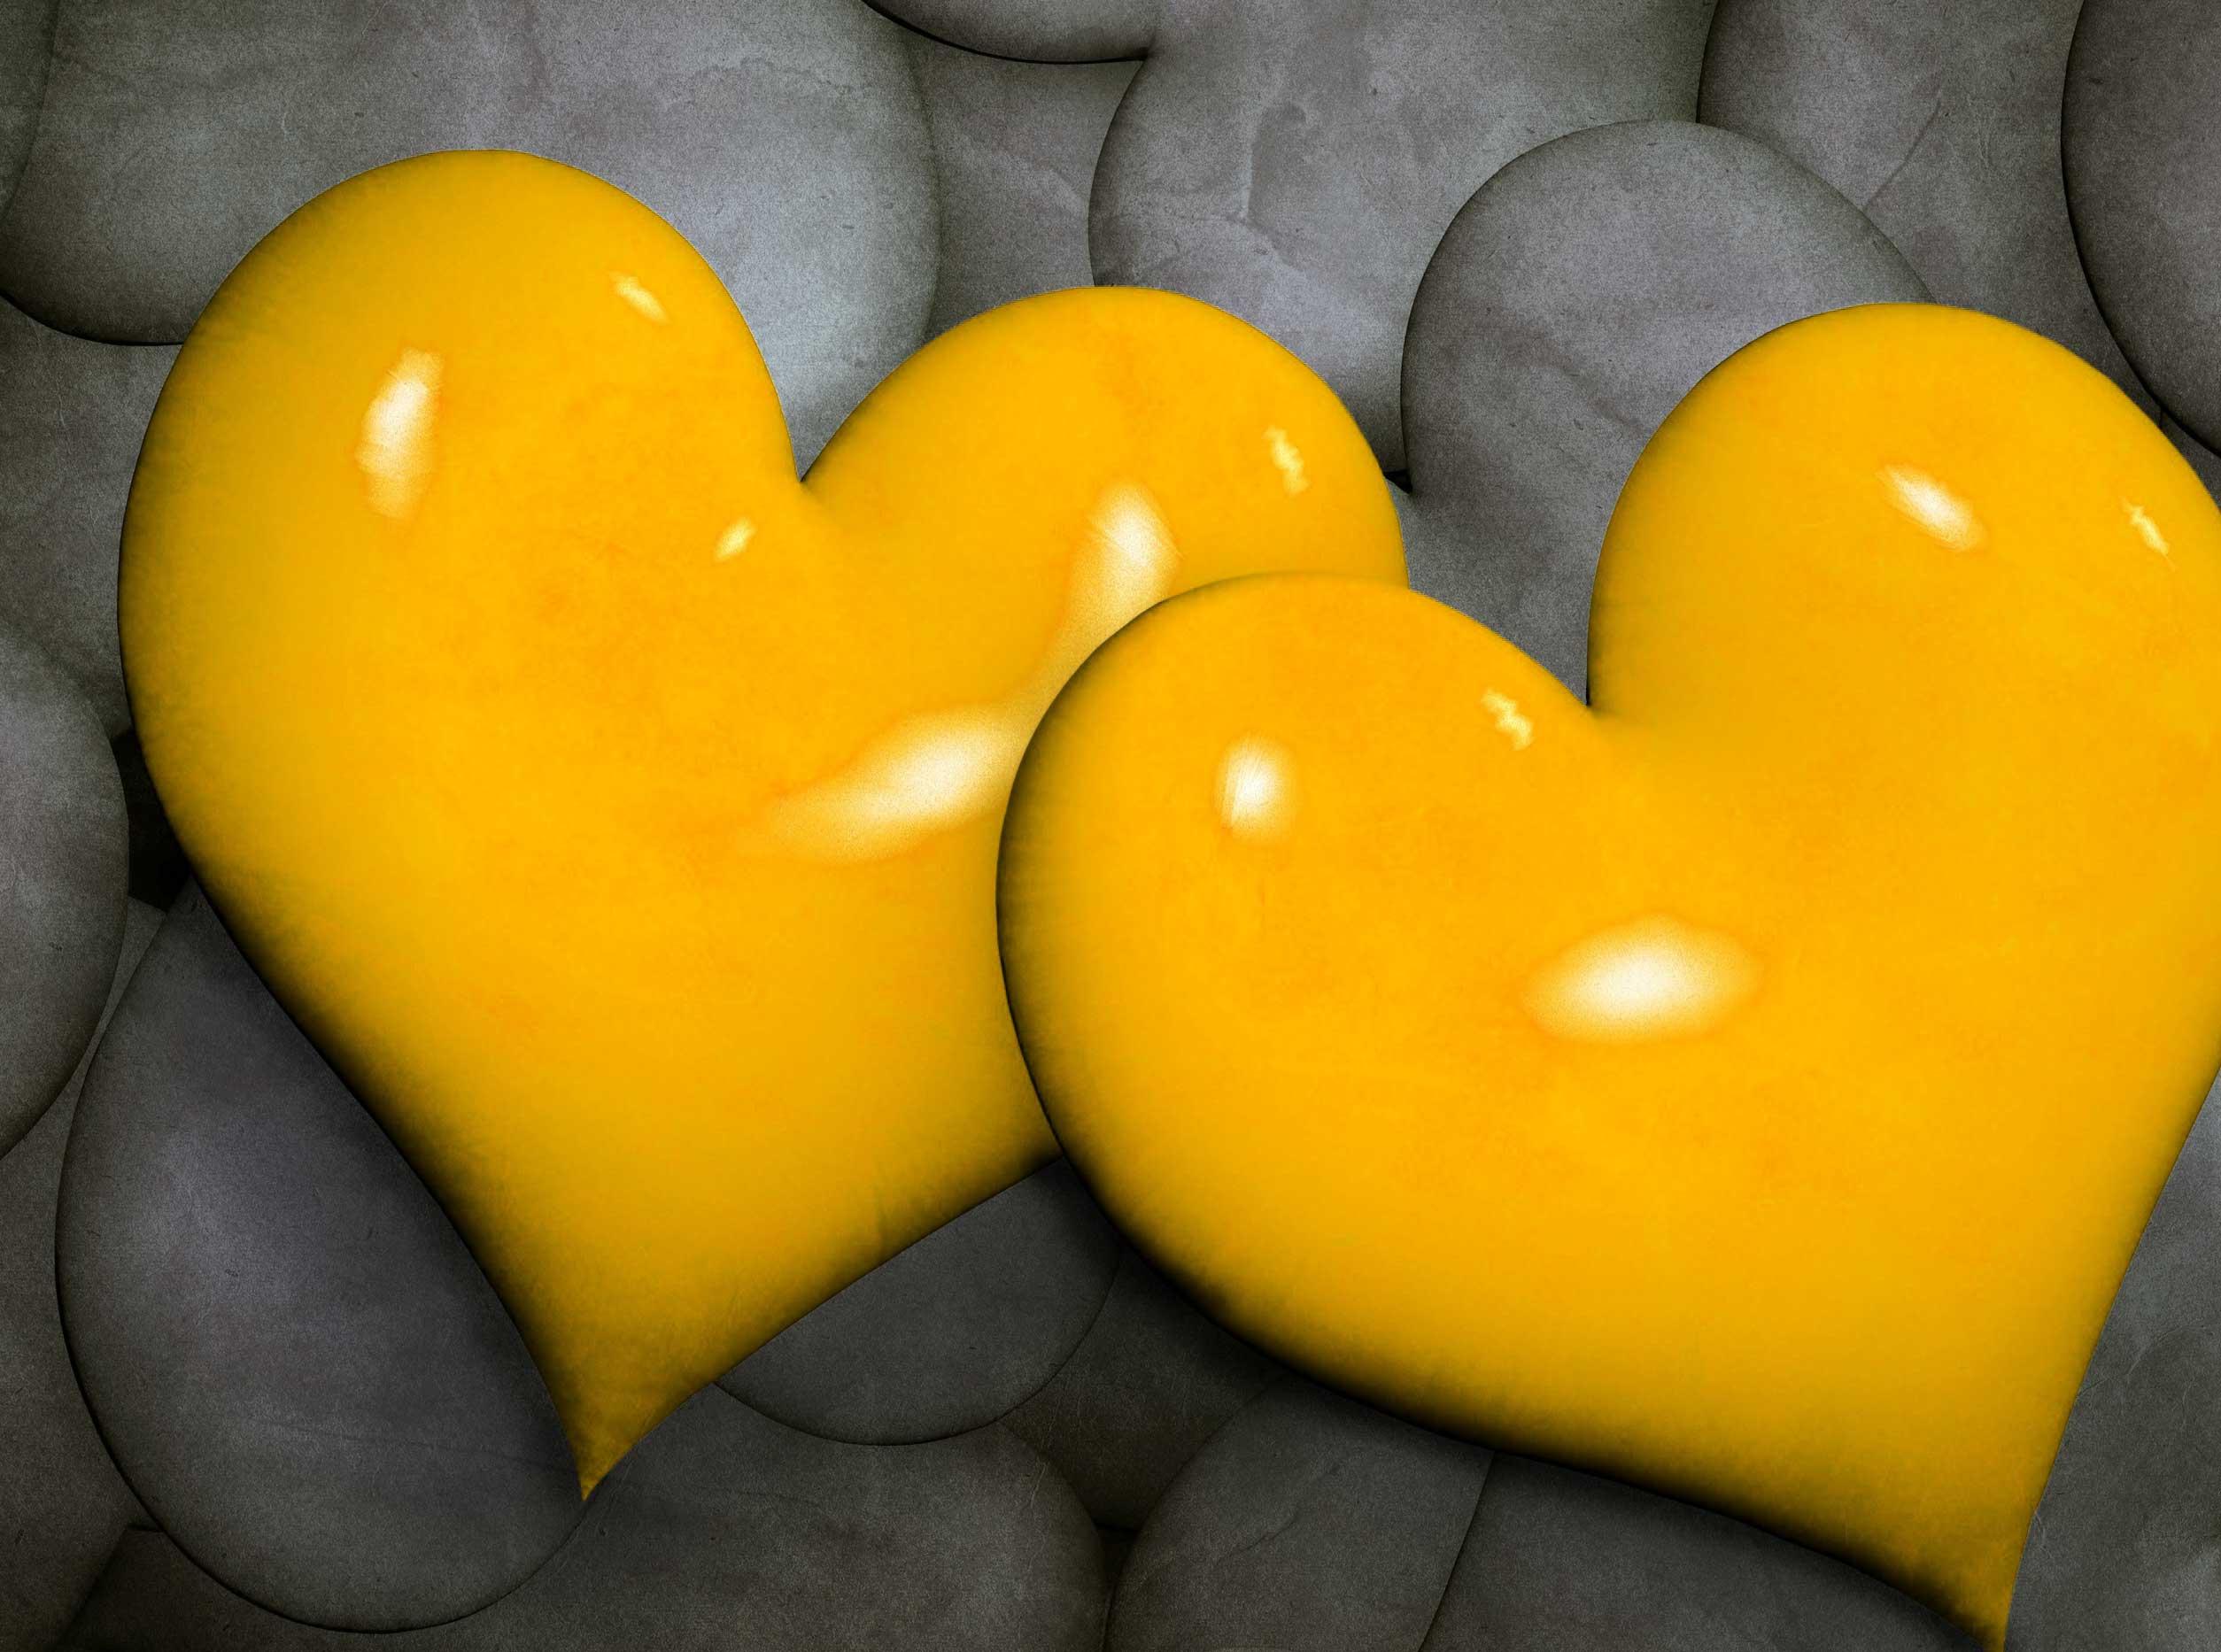 Whatsapp Dp Wallpaper With Heart